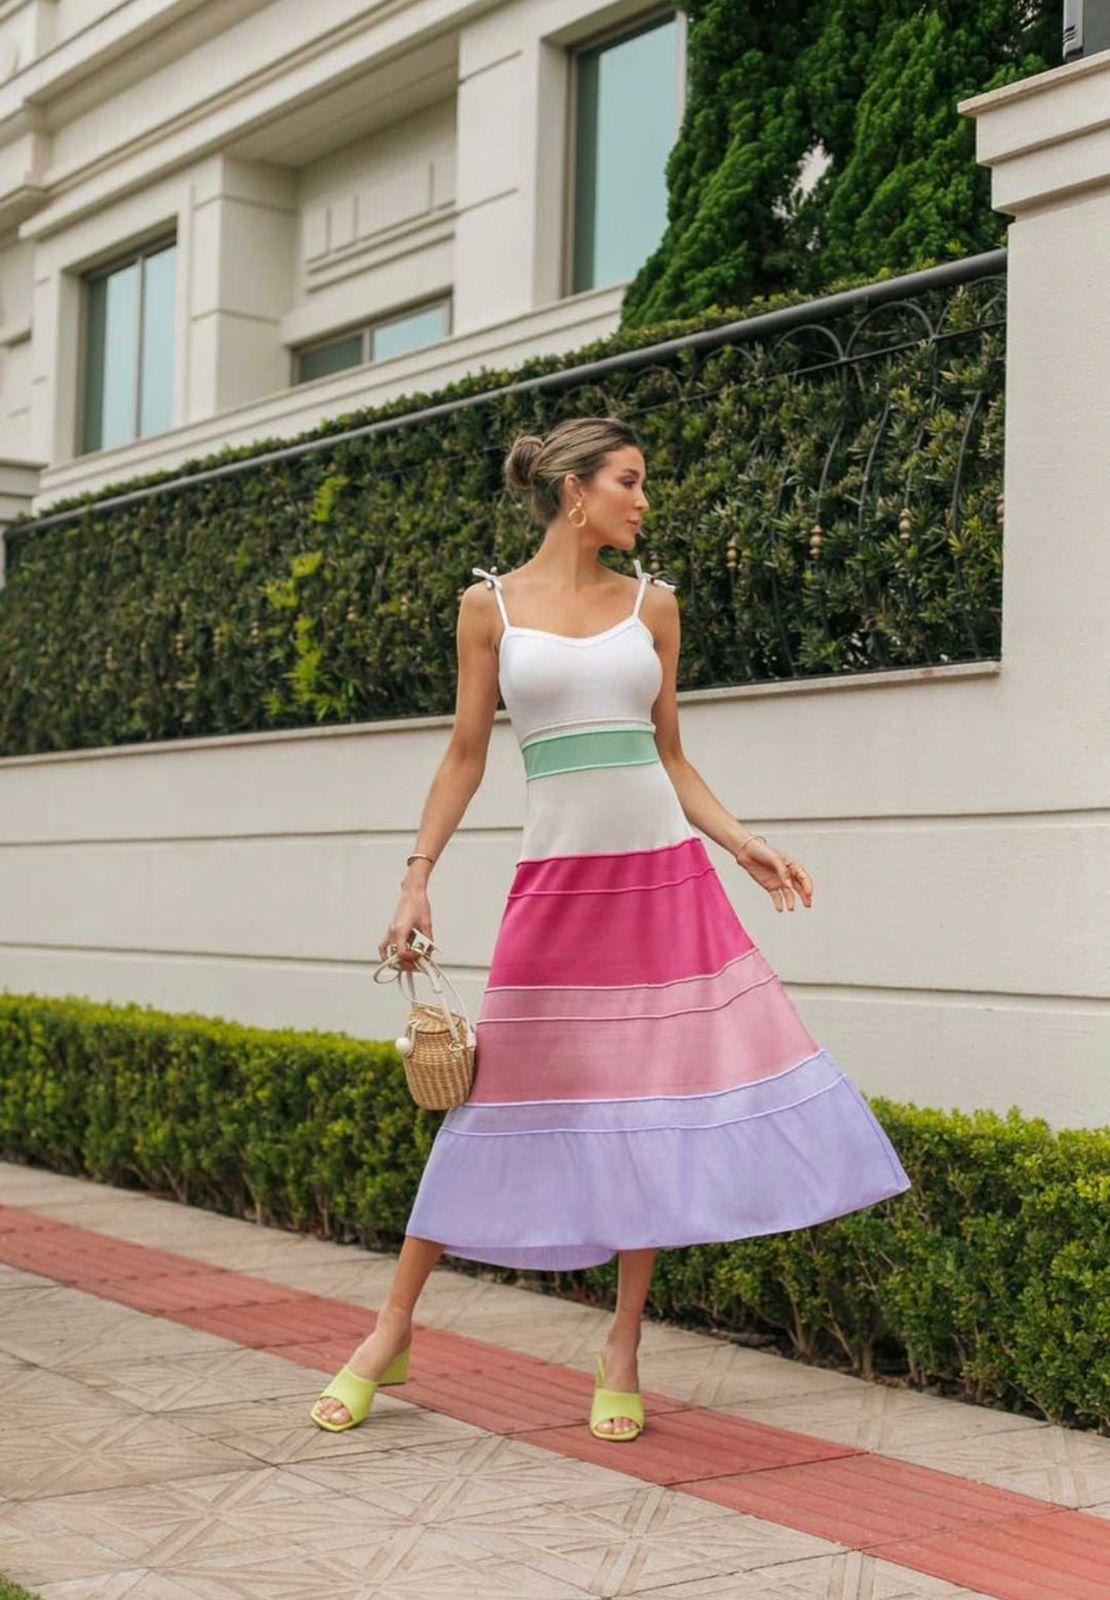 Vestido de Tricot Modal Midi de Alças Ajustáveis